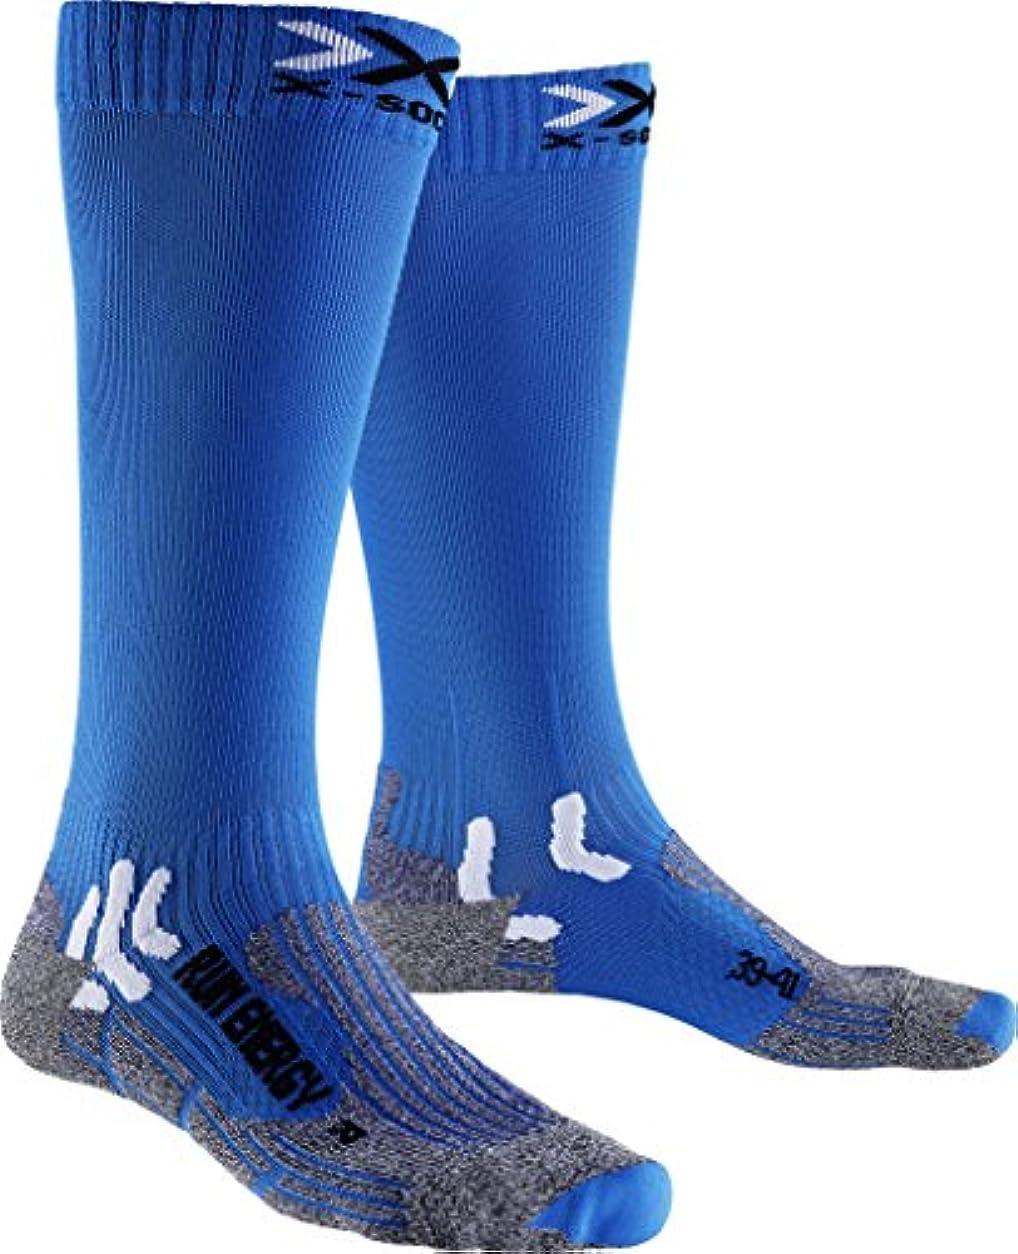 オーストラリア人腹痛メニューメンズとレディース1ペアx-socks実行Energiser圧縮ソックス